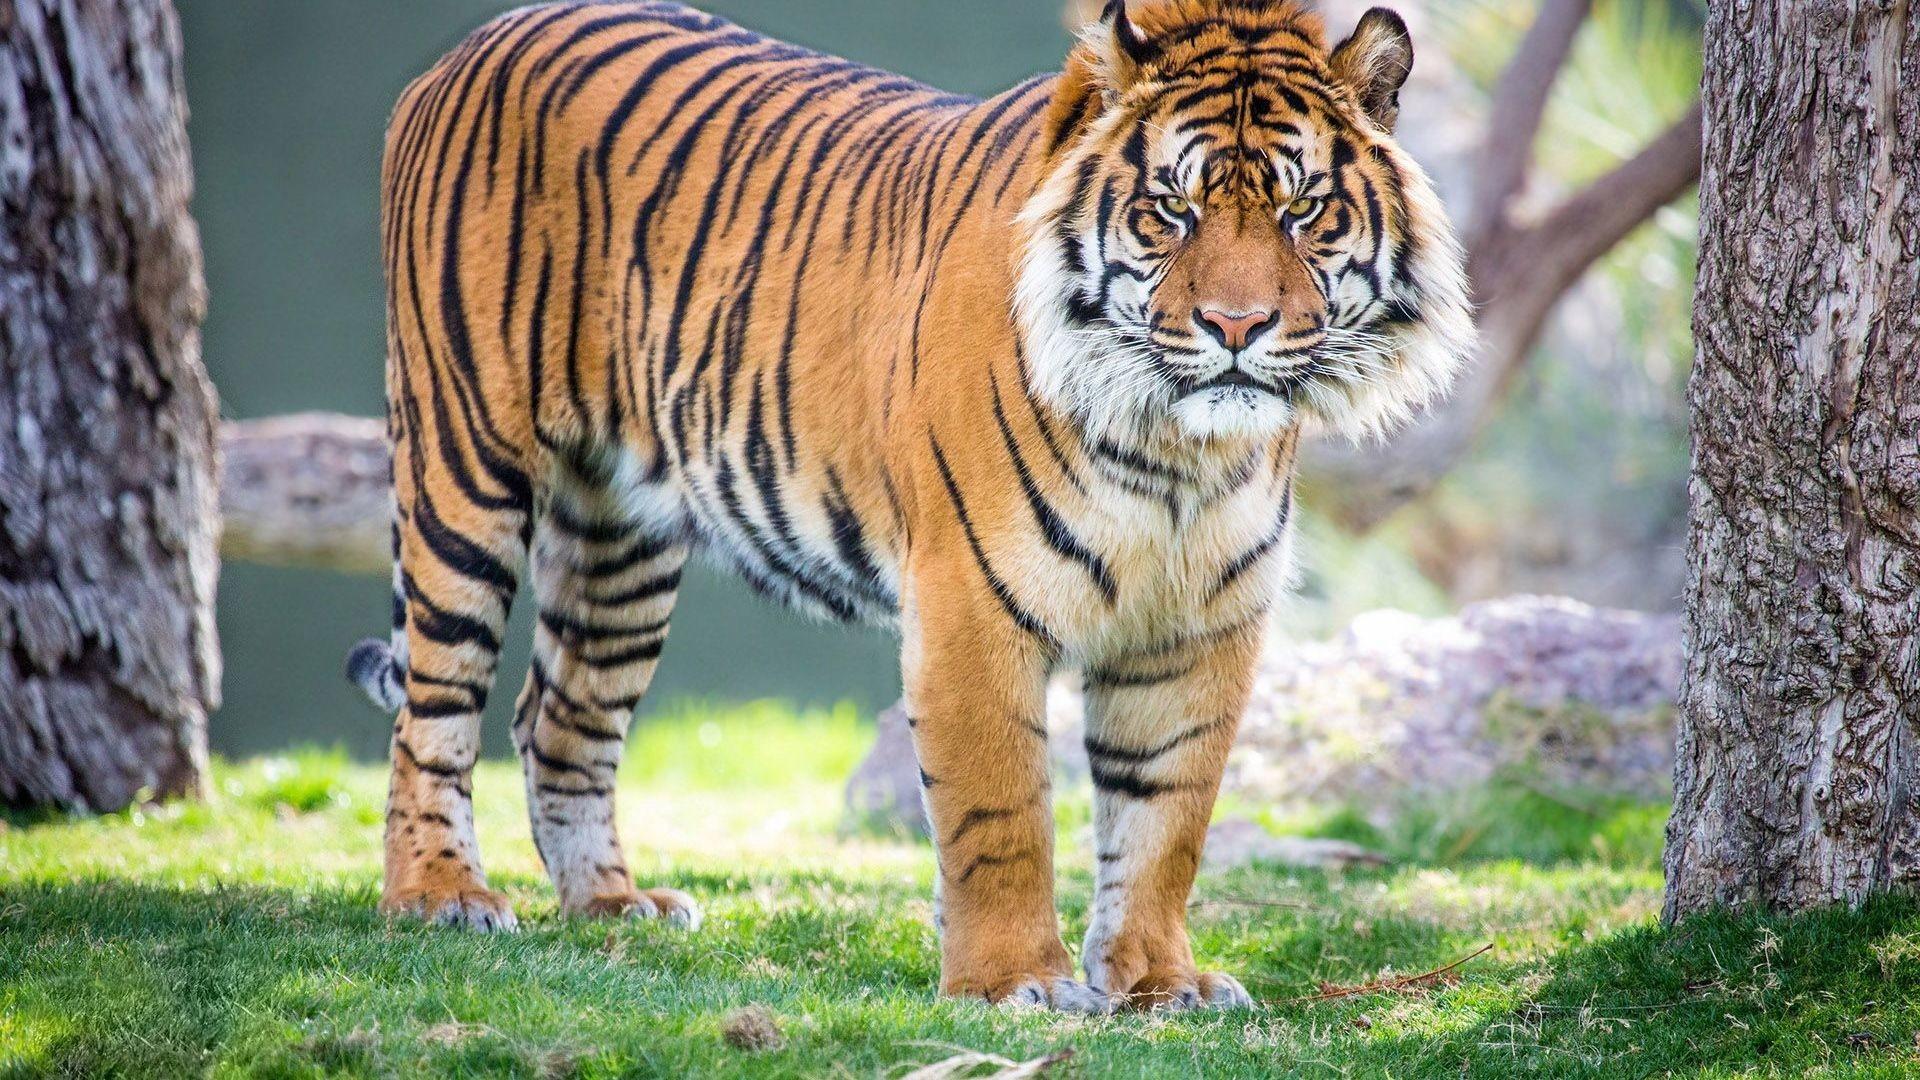 Tiger Hd Wallpaper 81 Images